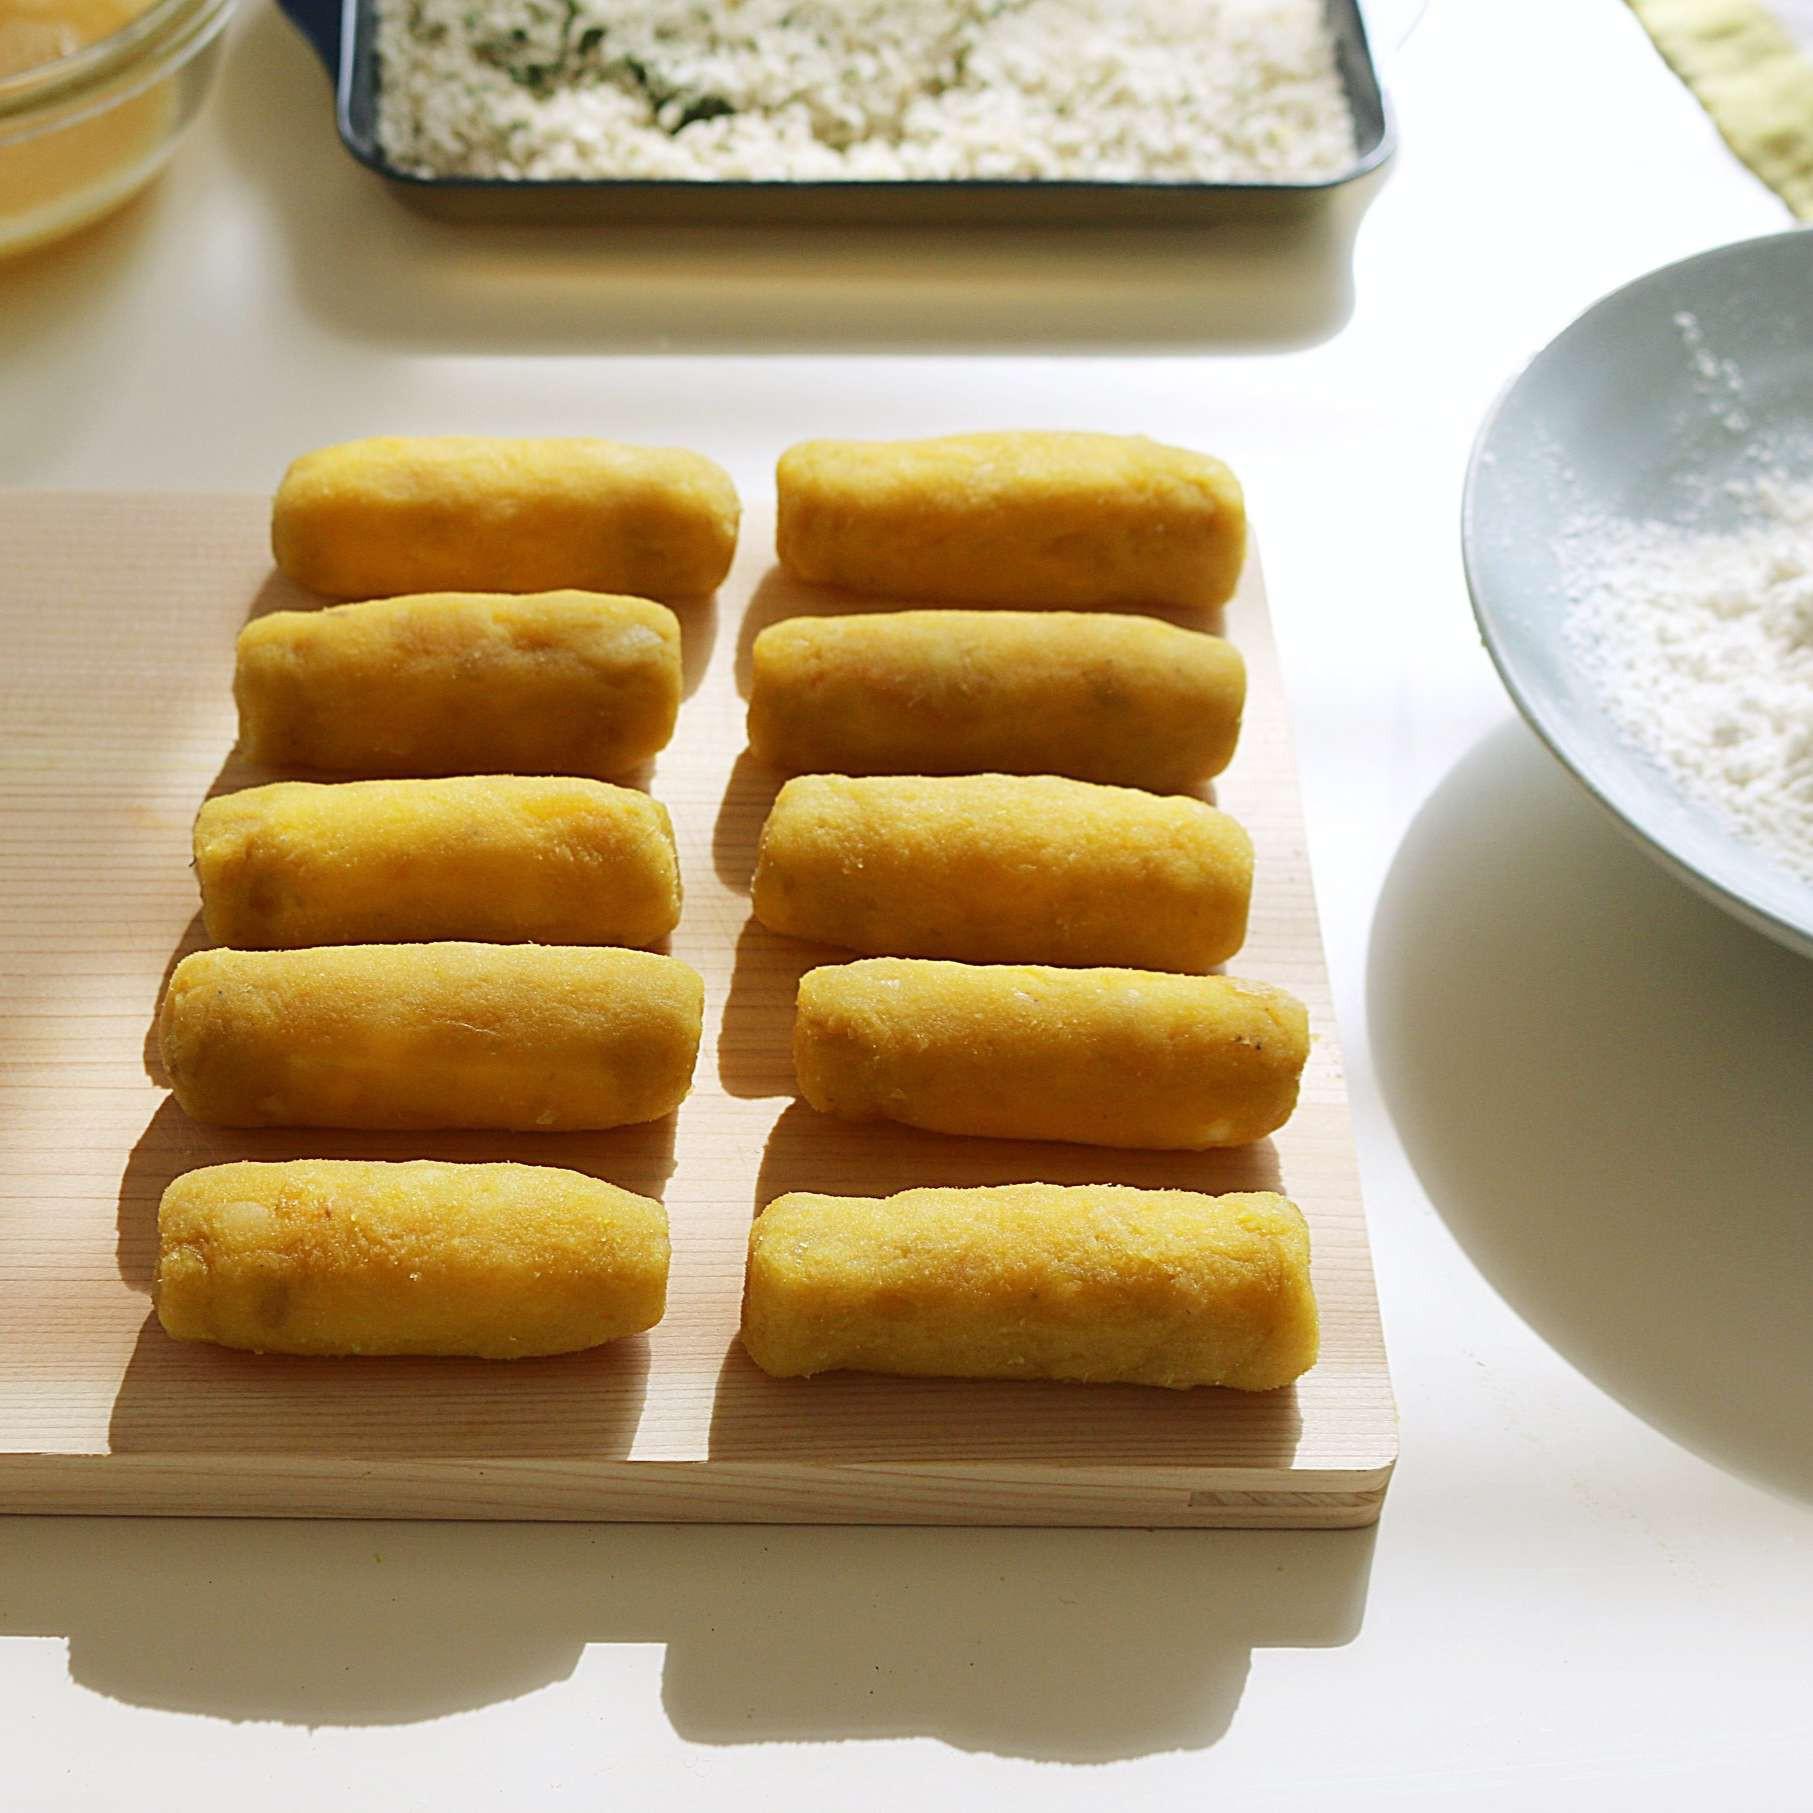 khoai-lang-chien-gion-2